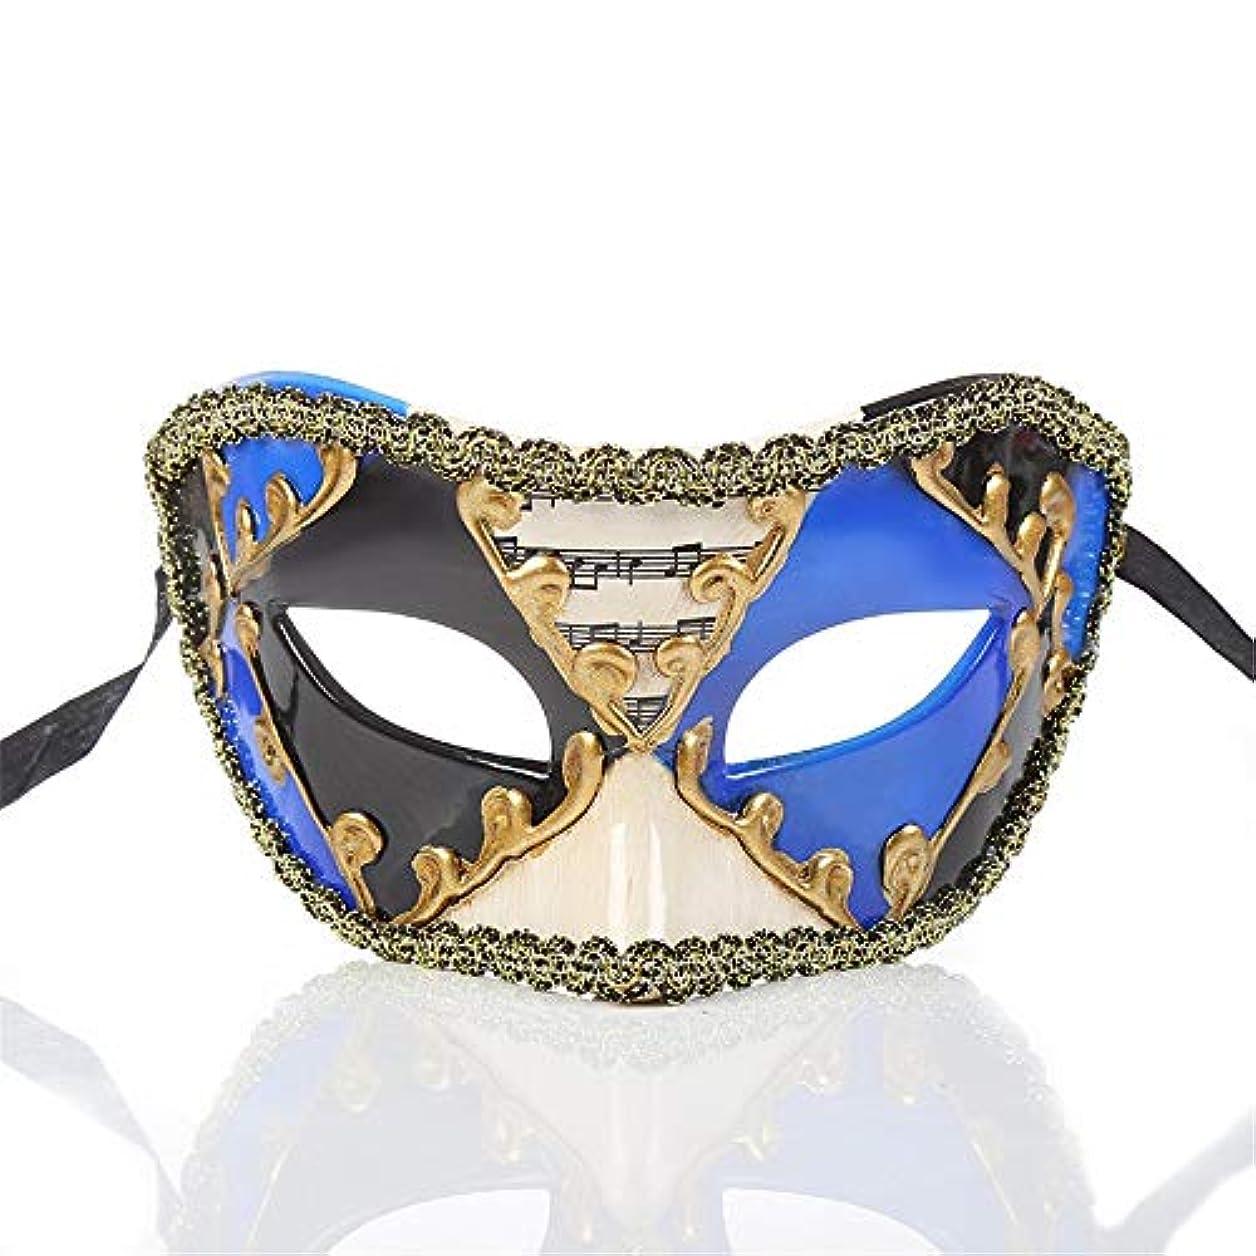 良心ぺディカブショッキングダンスマスク ヴィンテージクラシックハーフフェイスクラウンミュージカルノート装飾マスクフェスティバルロールプレイングプラスチックマスク パーティーマスク (色 : 青, サイズ : 16.5x8cm)